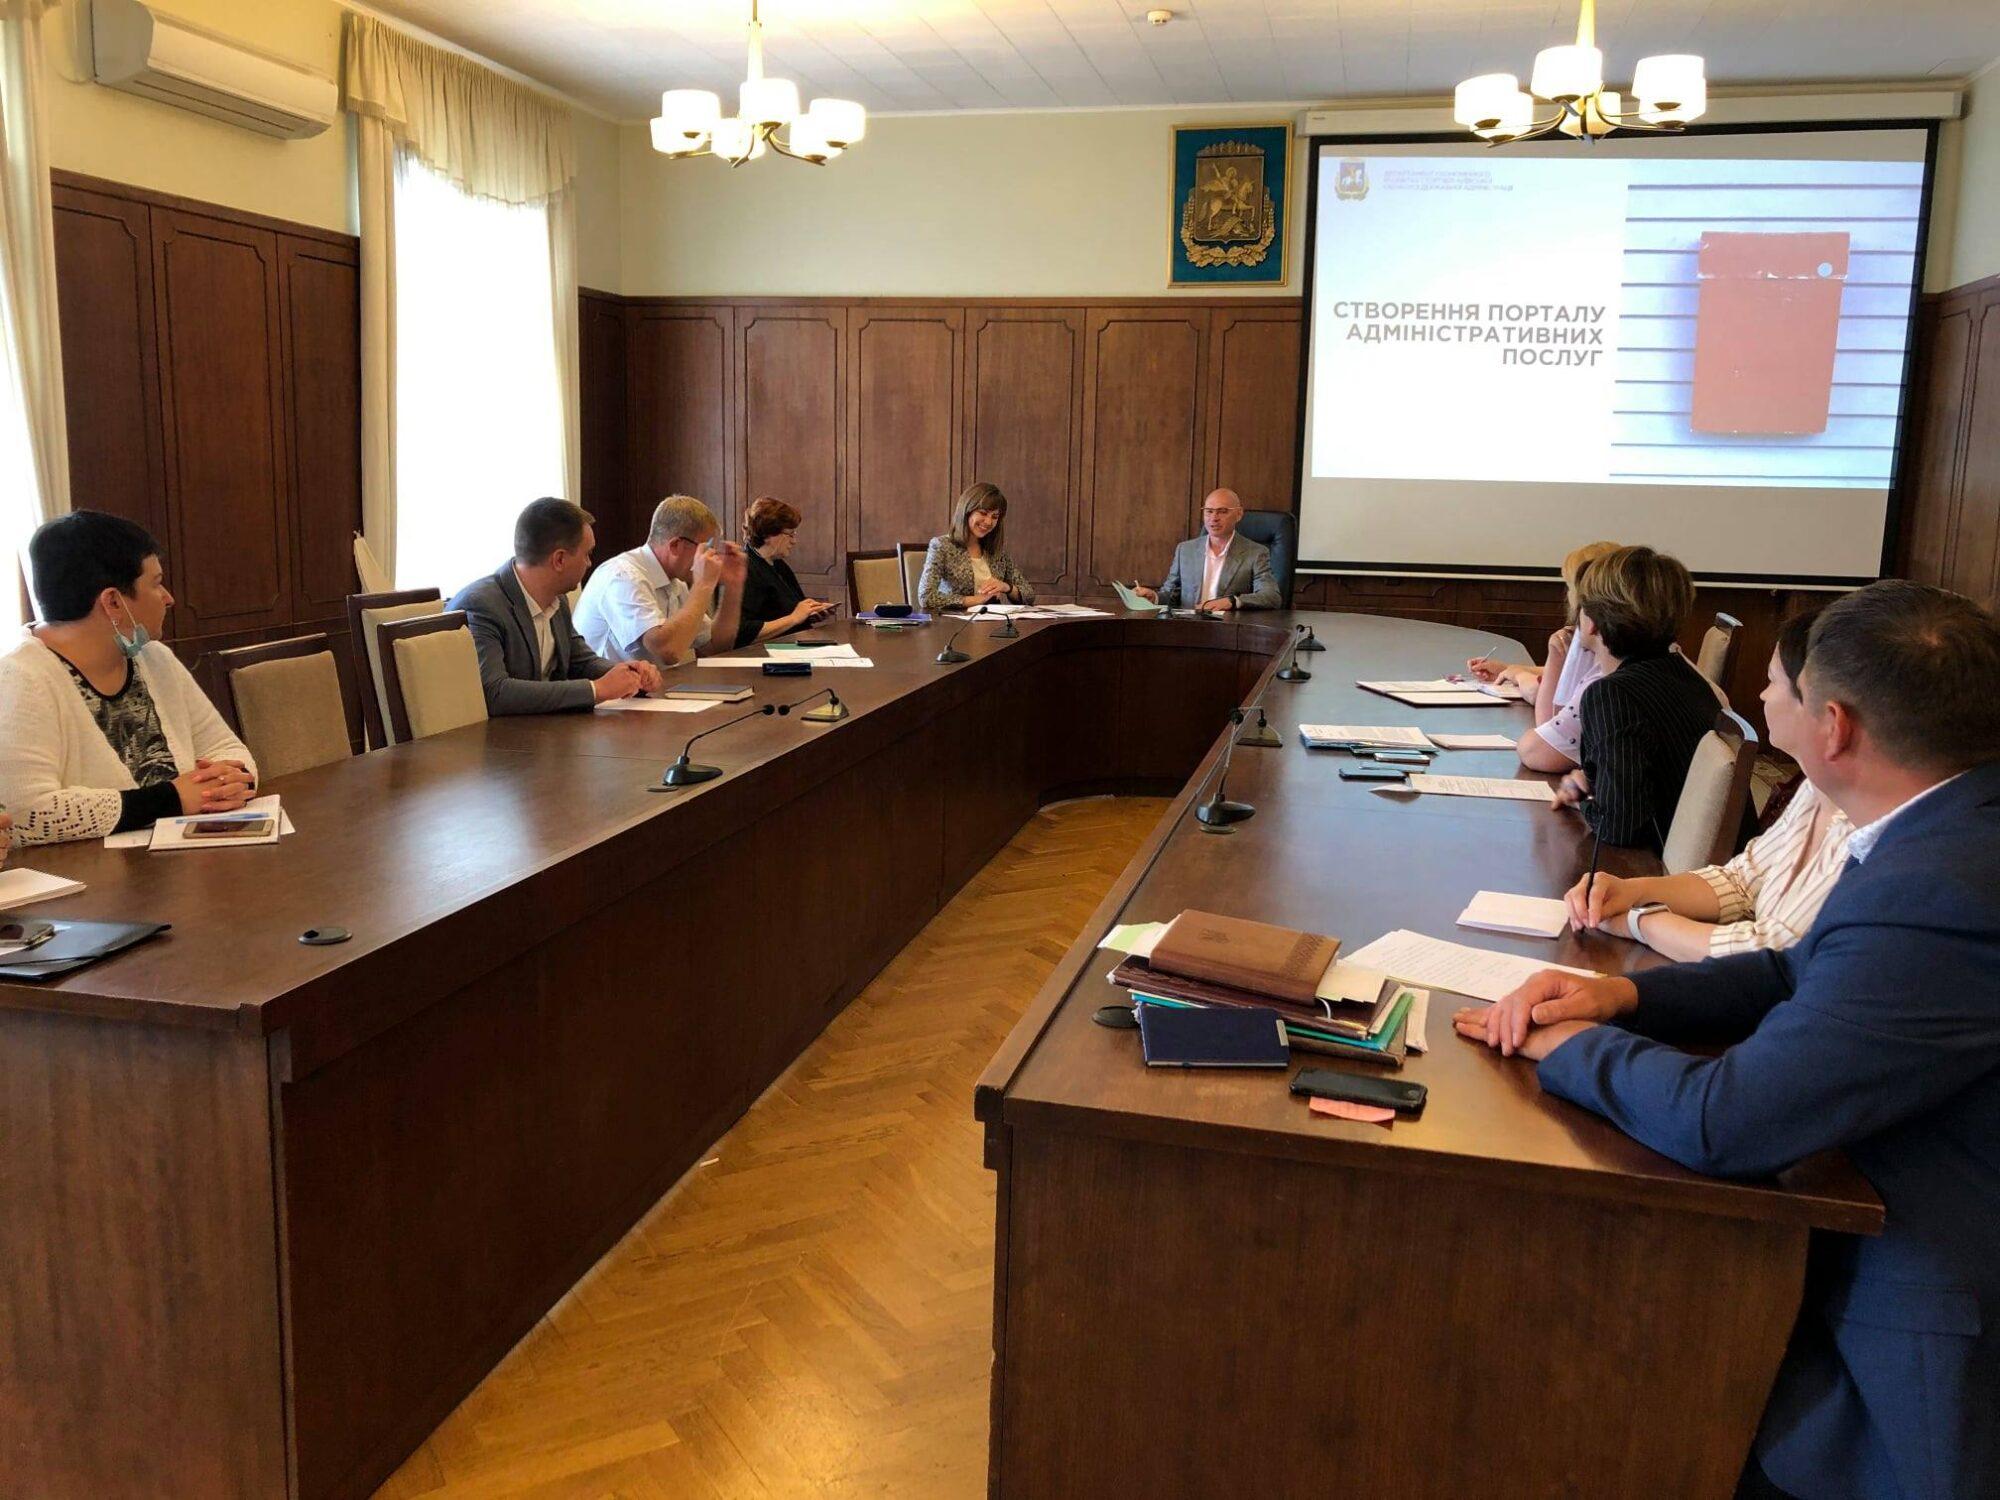 На Київщині планують створити електронний портал адмінпослуг -  - 109113789 2309510972690371 2361825771687764876 o 2000x1500